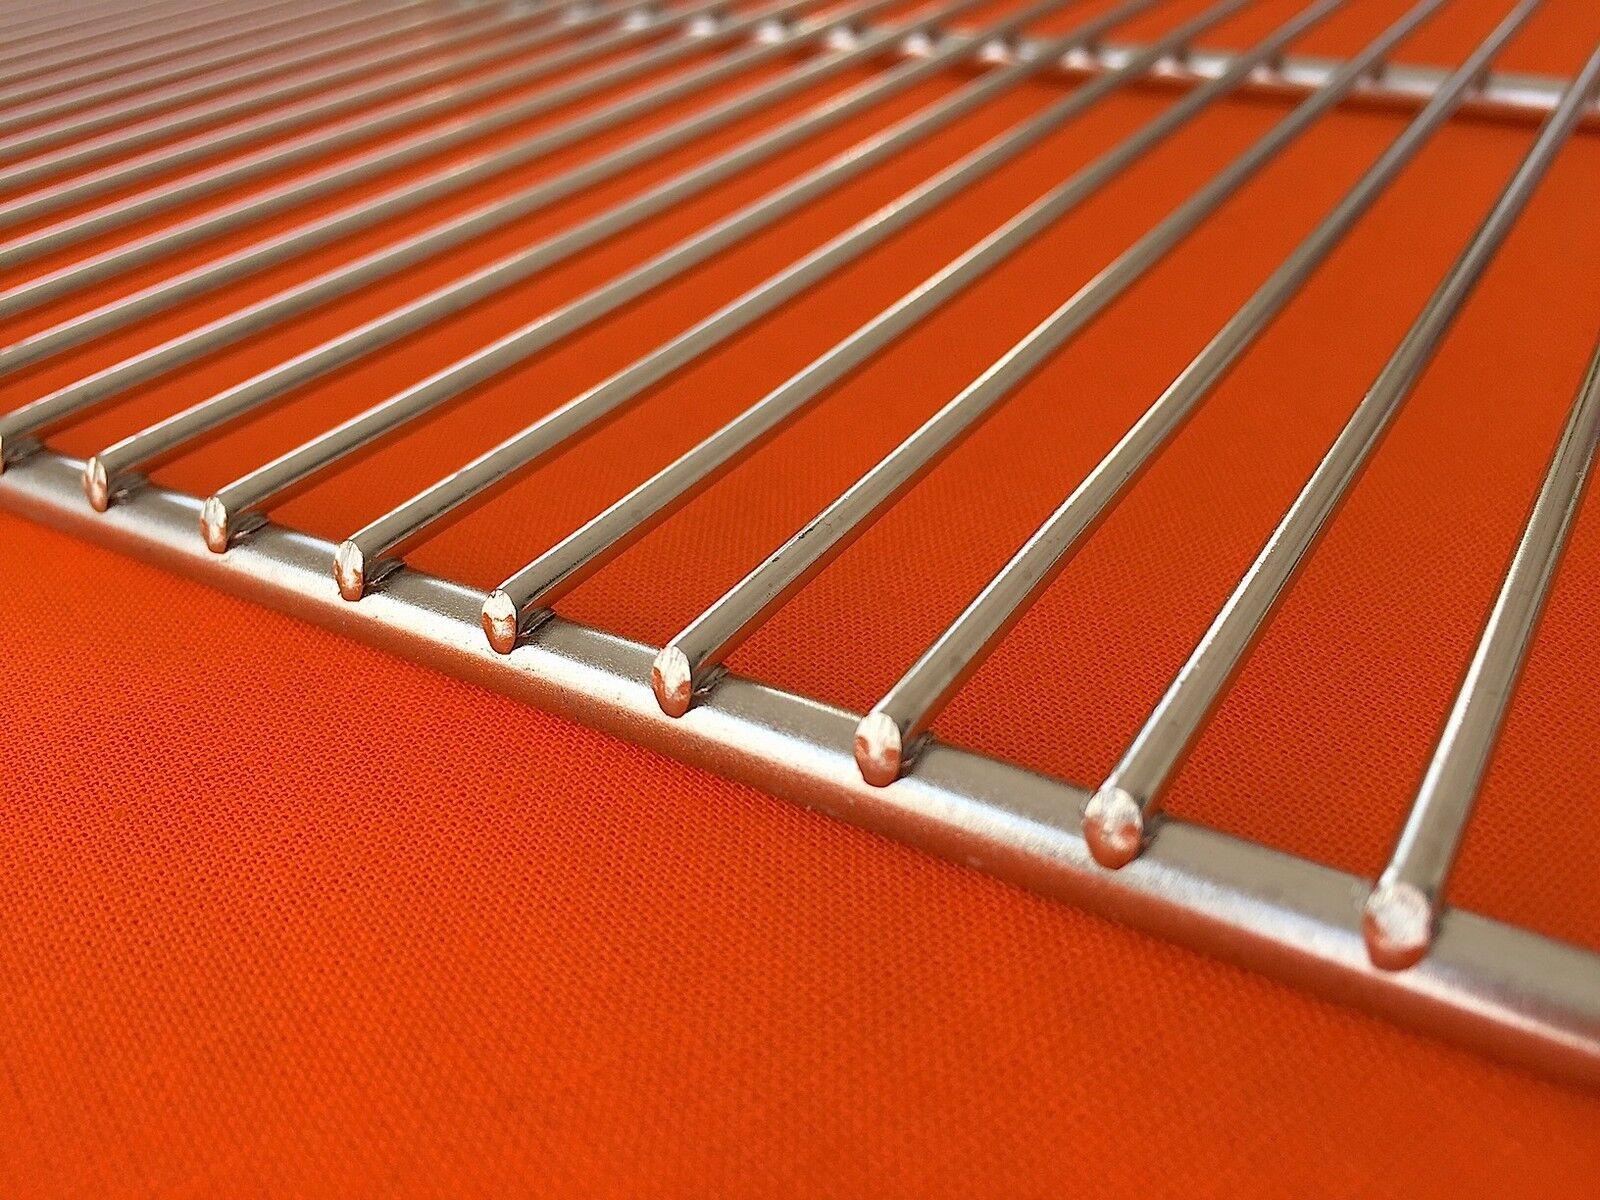 GRILLROST EDELSTAHL 67x40cm EDELSTAHLGRILLROST  GRILLGITTER  *ROBUST*